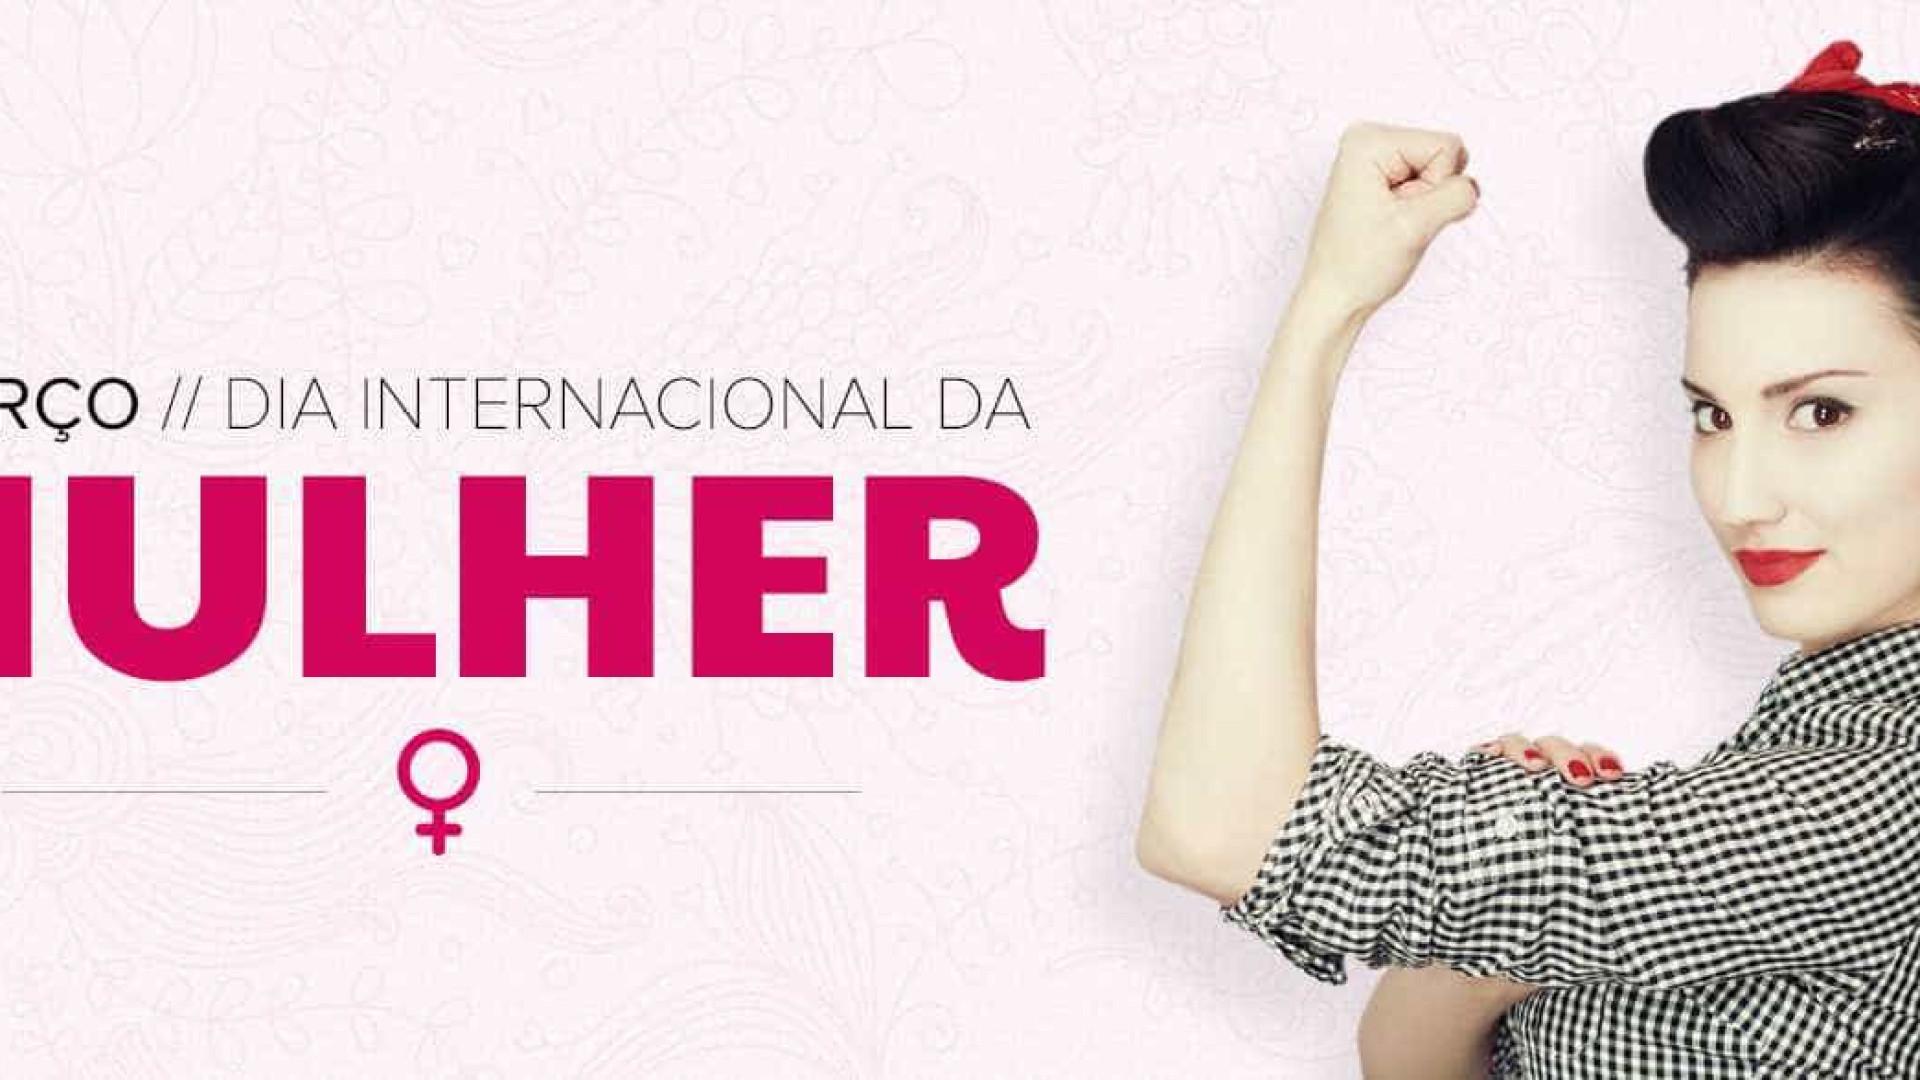 Oito curiosidades sobre o Dia Internacional da Mulher